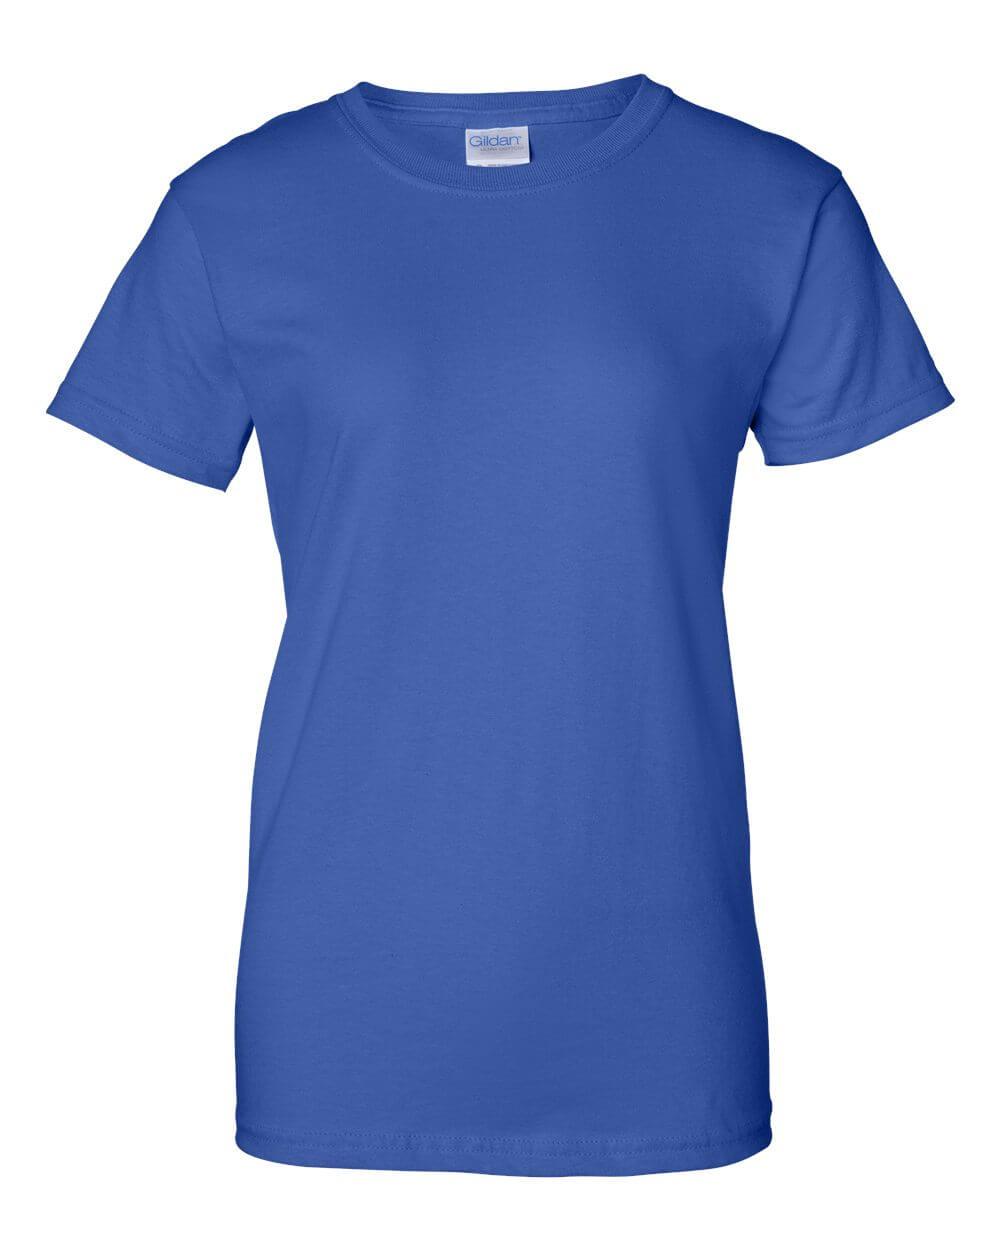 Gildan_2000L_Royal_Royal Blue Custom T Shirts